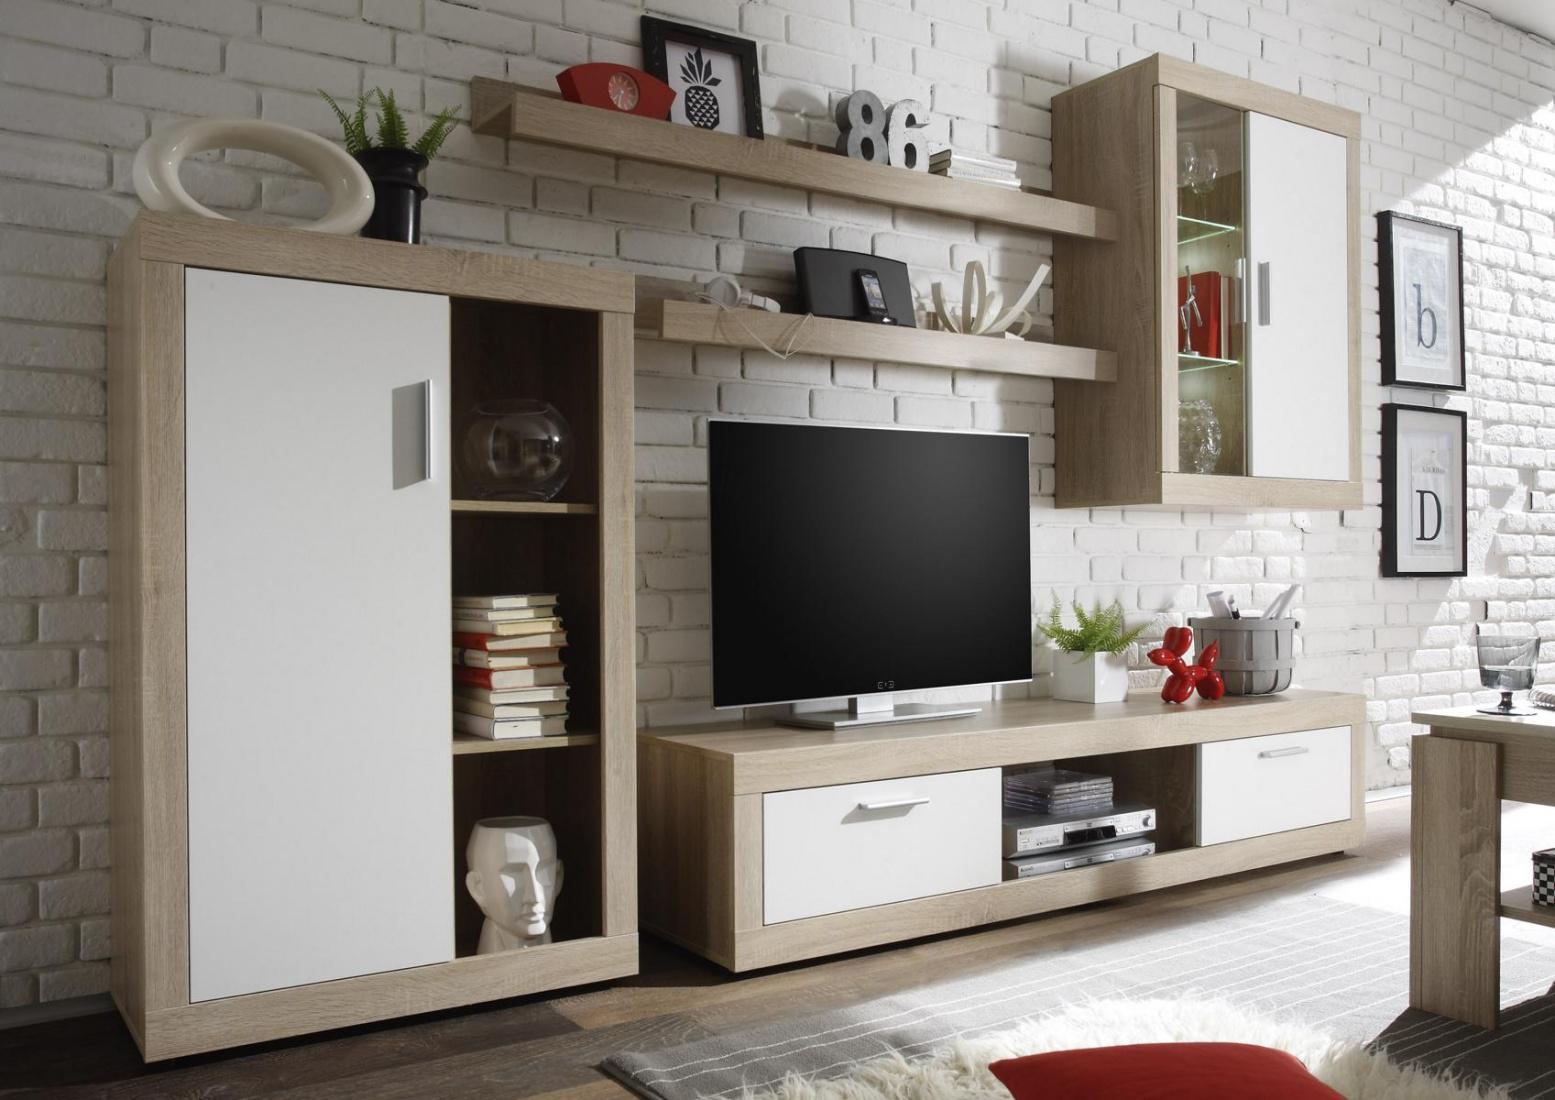 Wohnwand Klea 5-teilig in zwei Farben - Kaufen bei Möbel-Lux